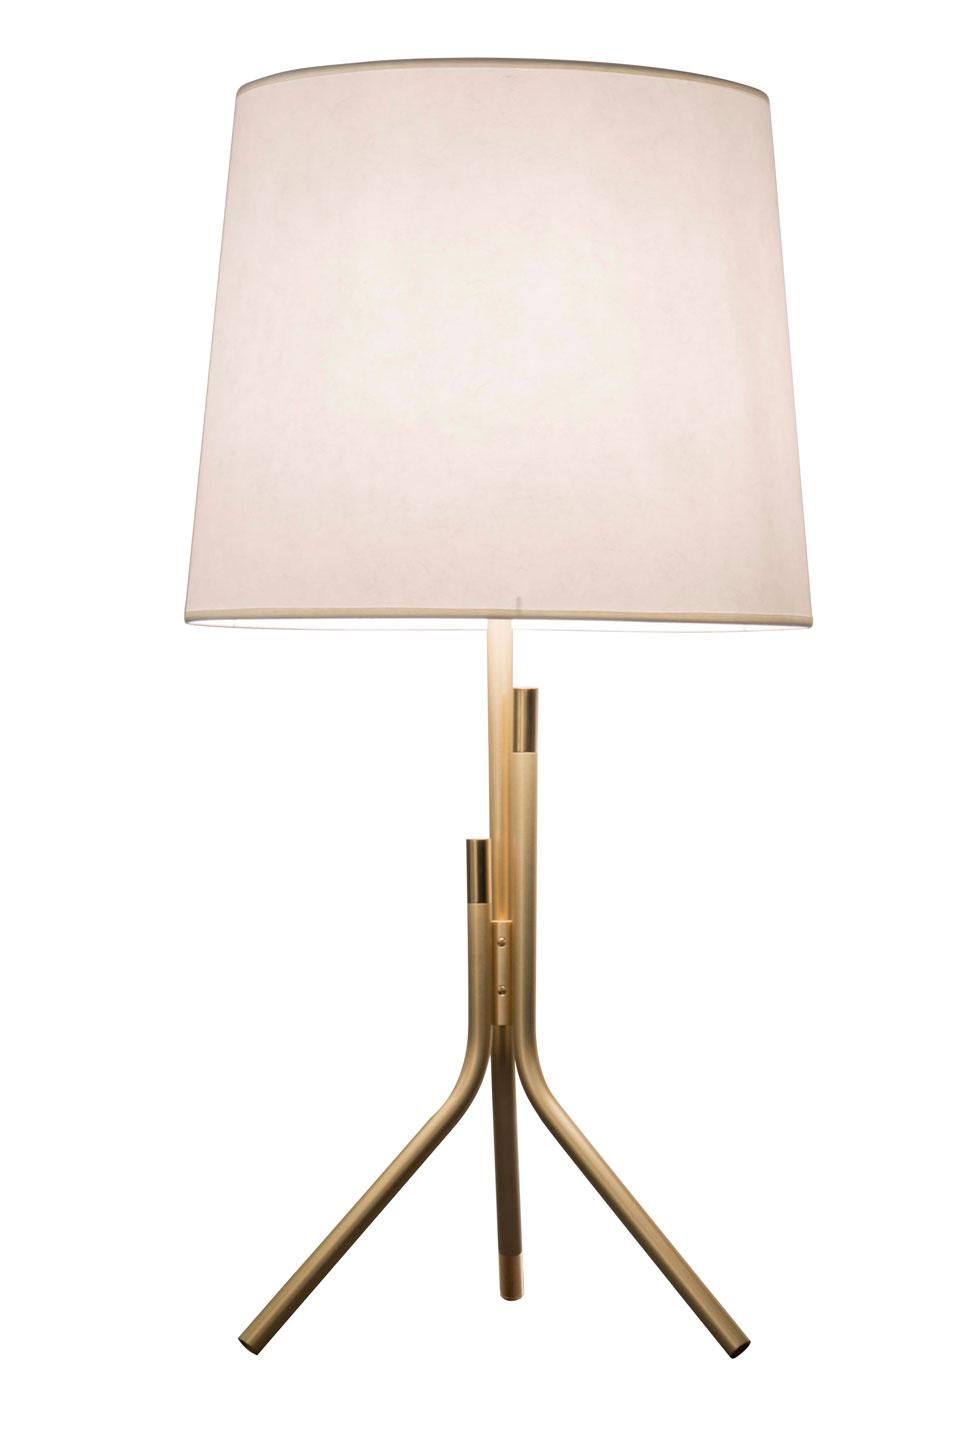 Ellis lampe de table design, dorée mat et brillant grand abat-jour blanc. .